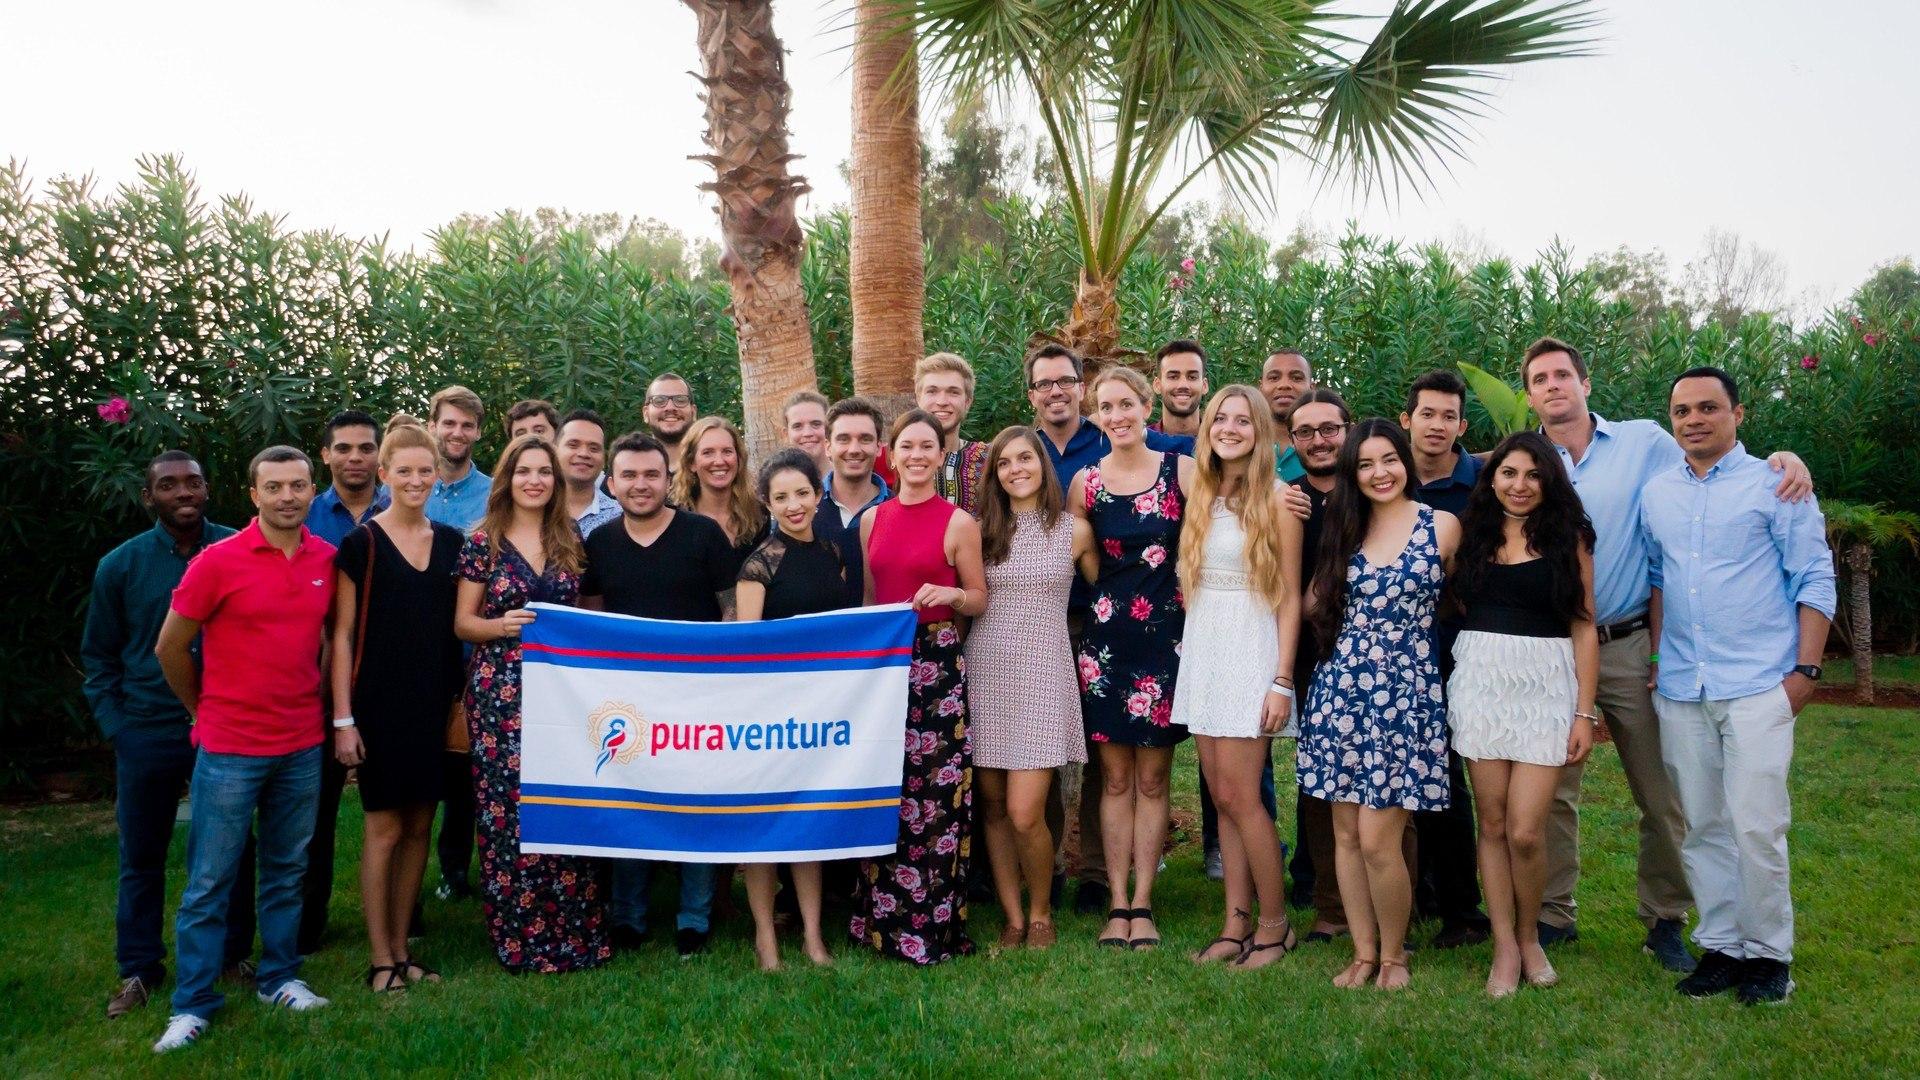 puraventura team-1